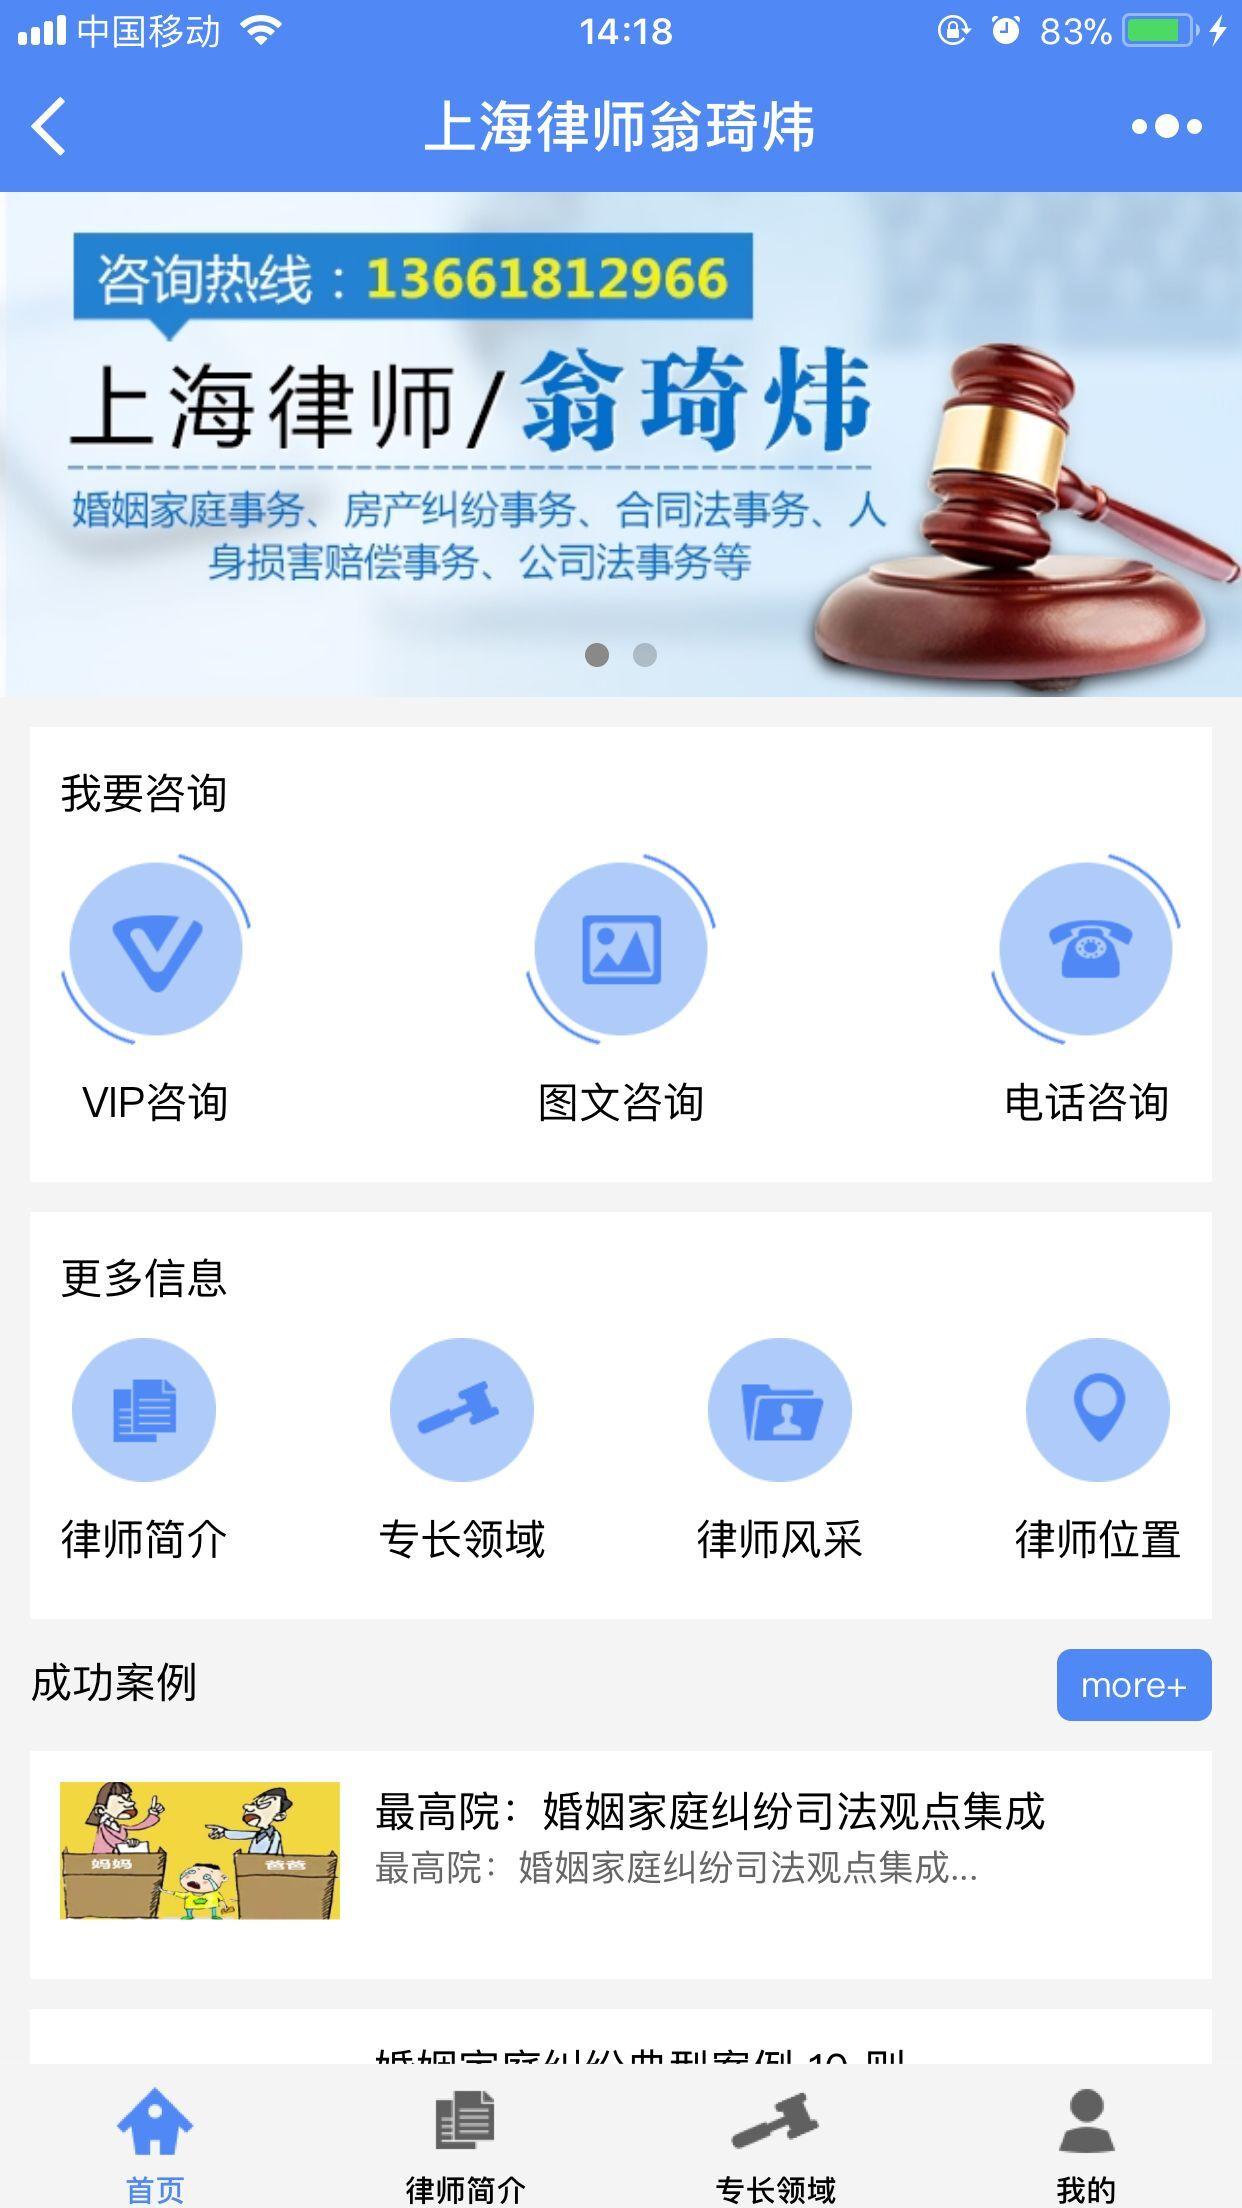 上海律师翁琦炜小程序